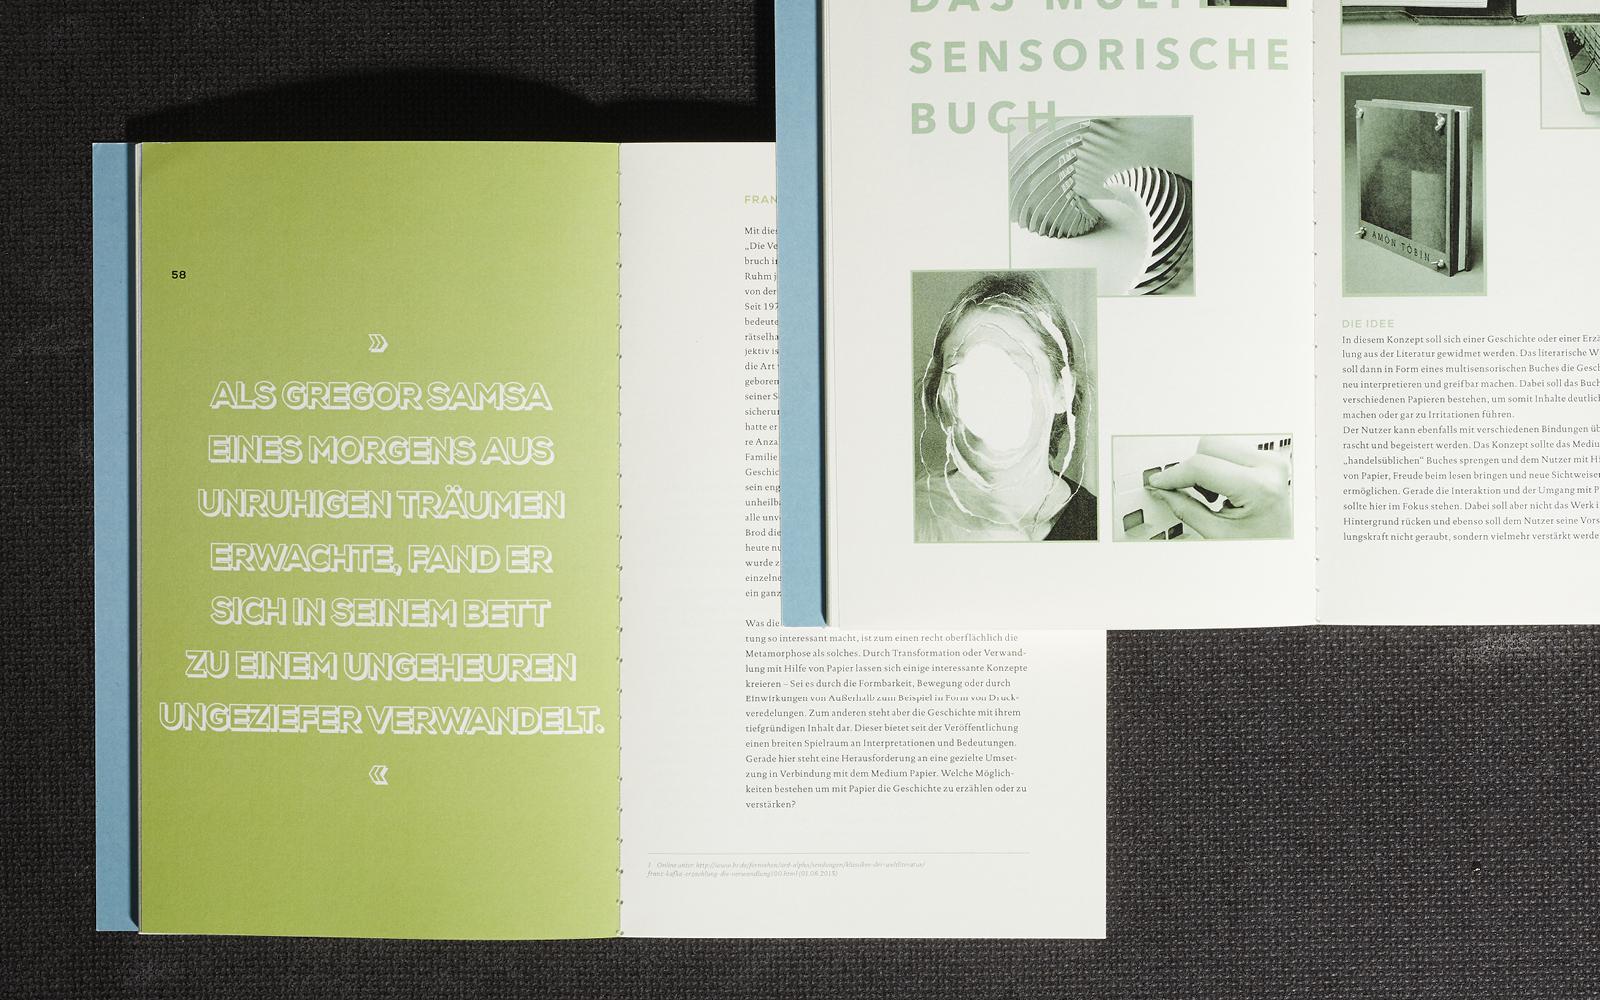 Papier als multisensorisches Medium